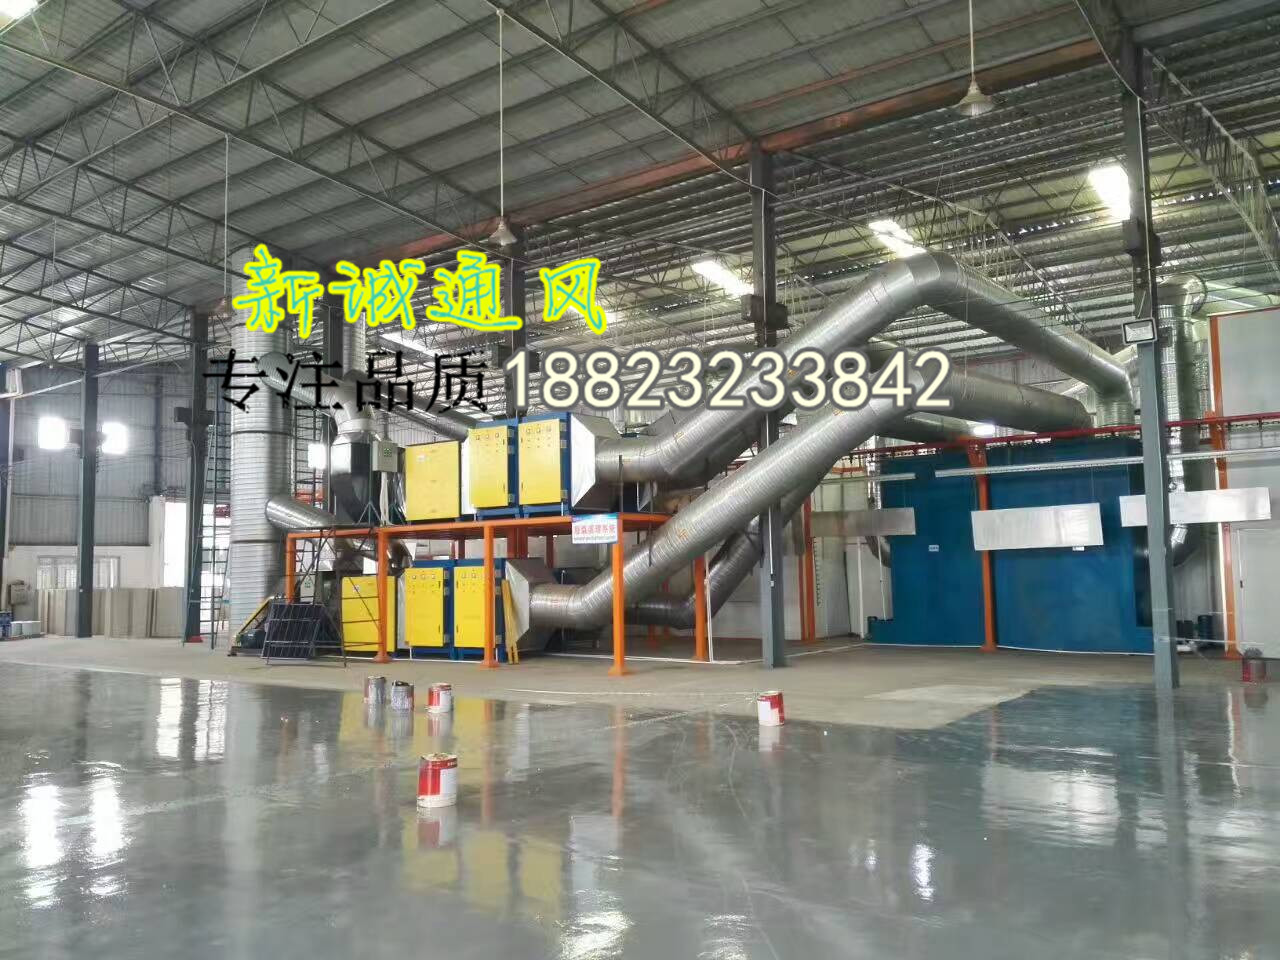 螺旋风管工程施工专家承接各种排风管道-新诚厂家